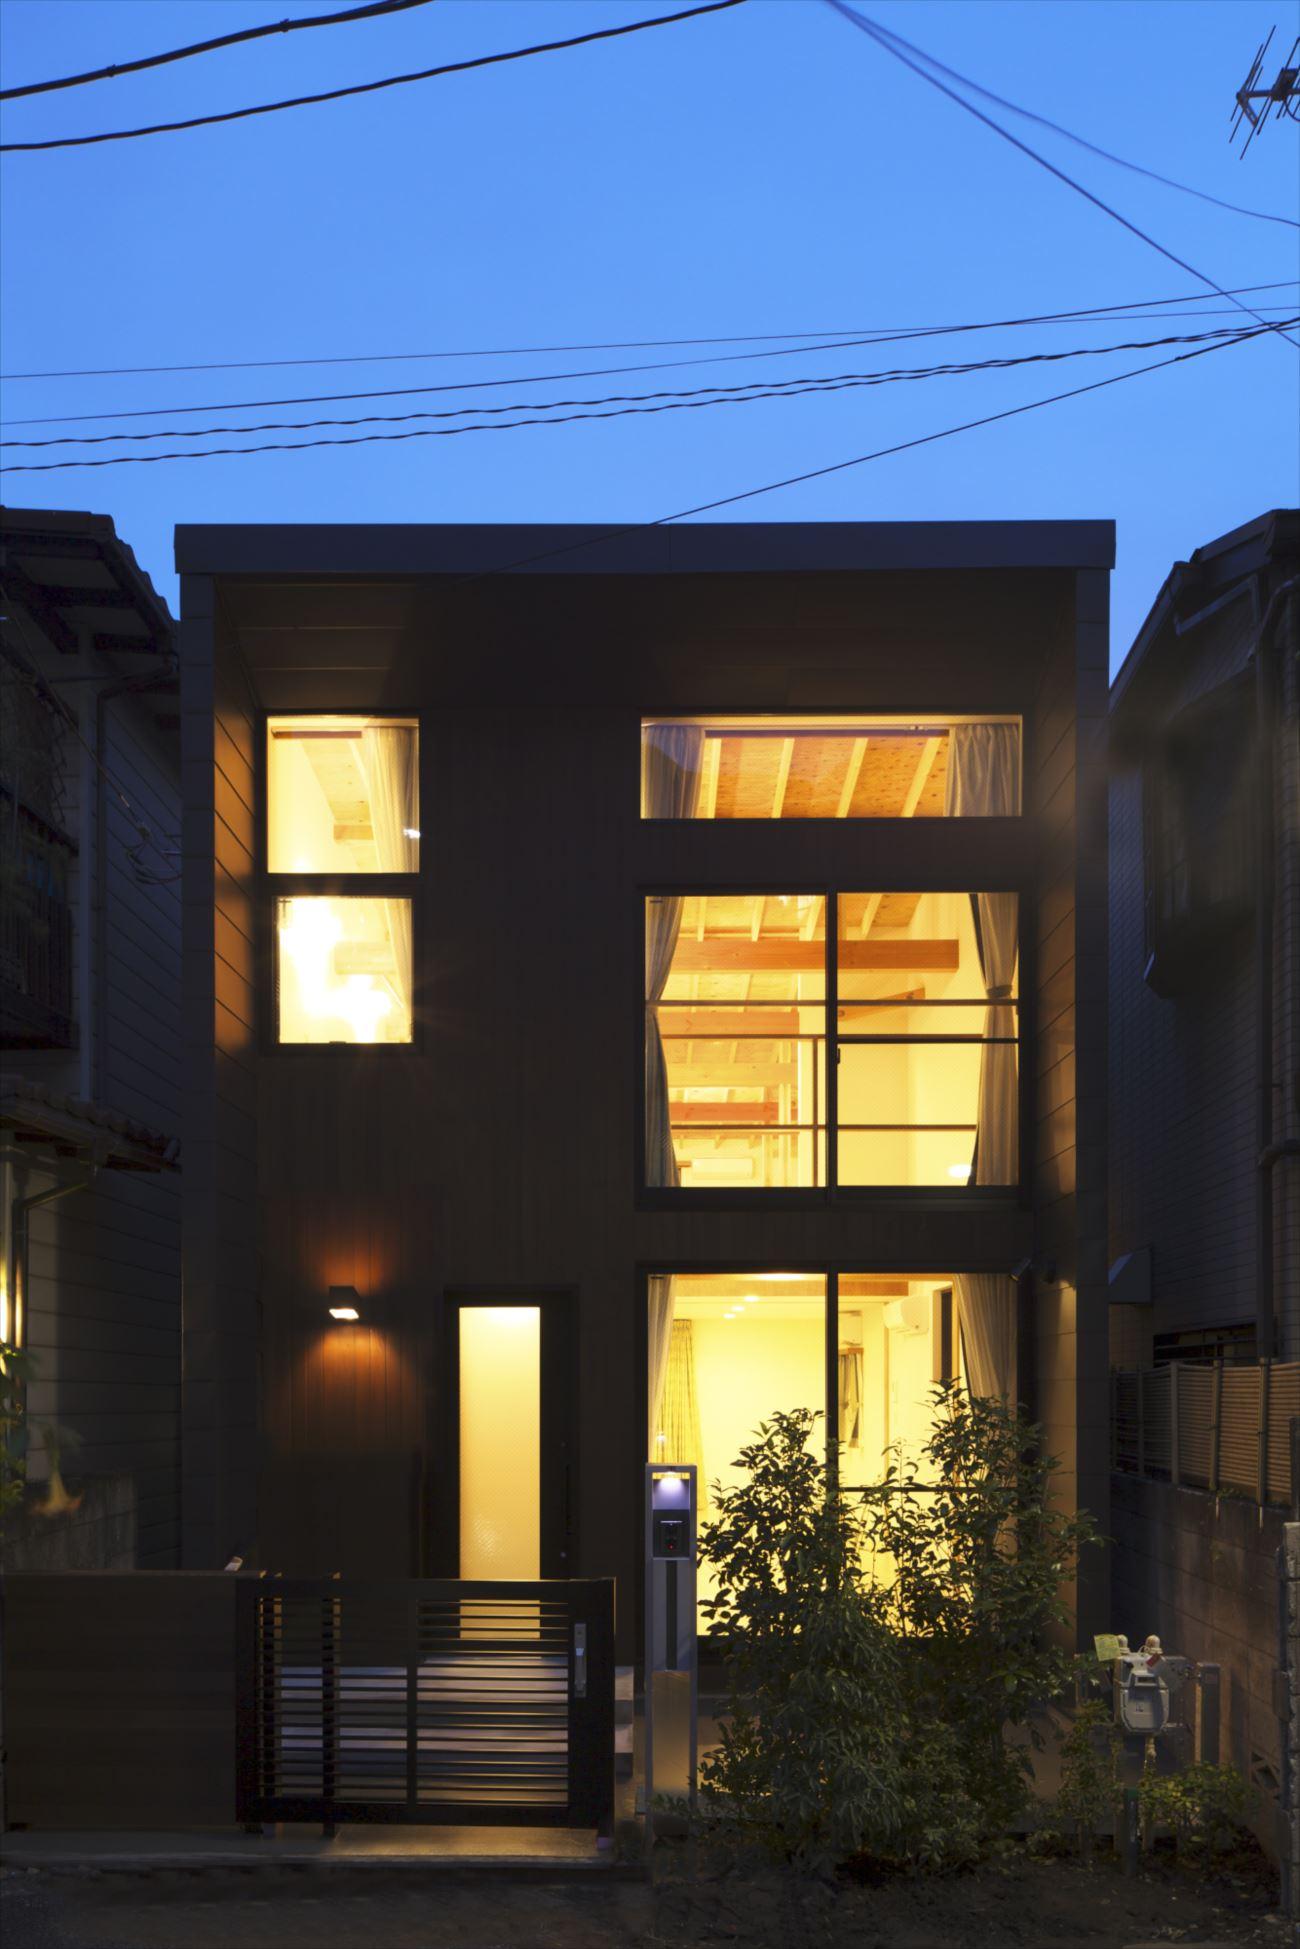 狭小住宅とはおしゃれな狭小住宅の外観おしゃれな狭小住宅の内装HOPEsの狭小住宅への思い